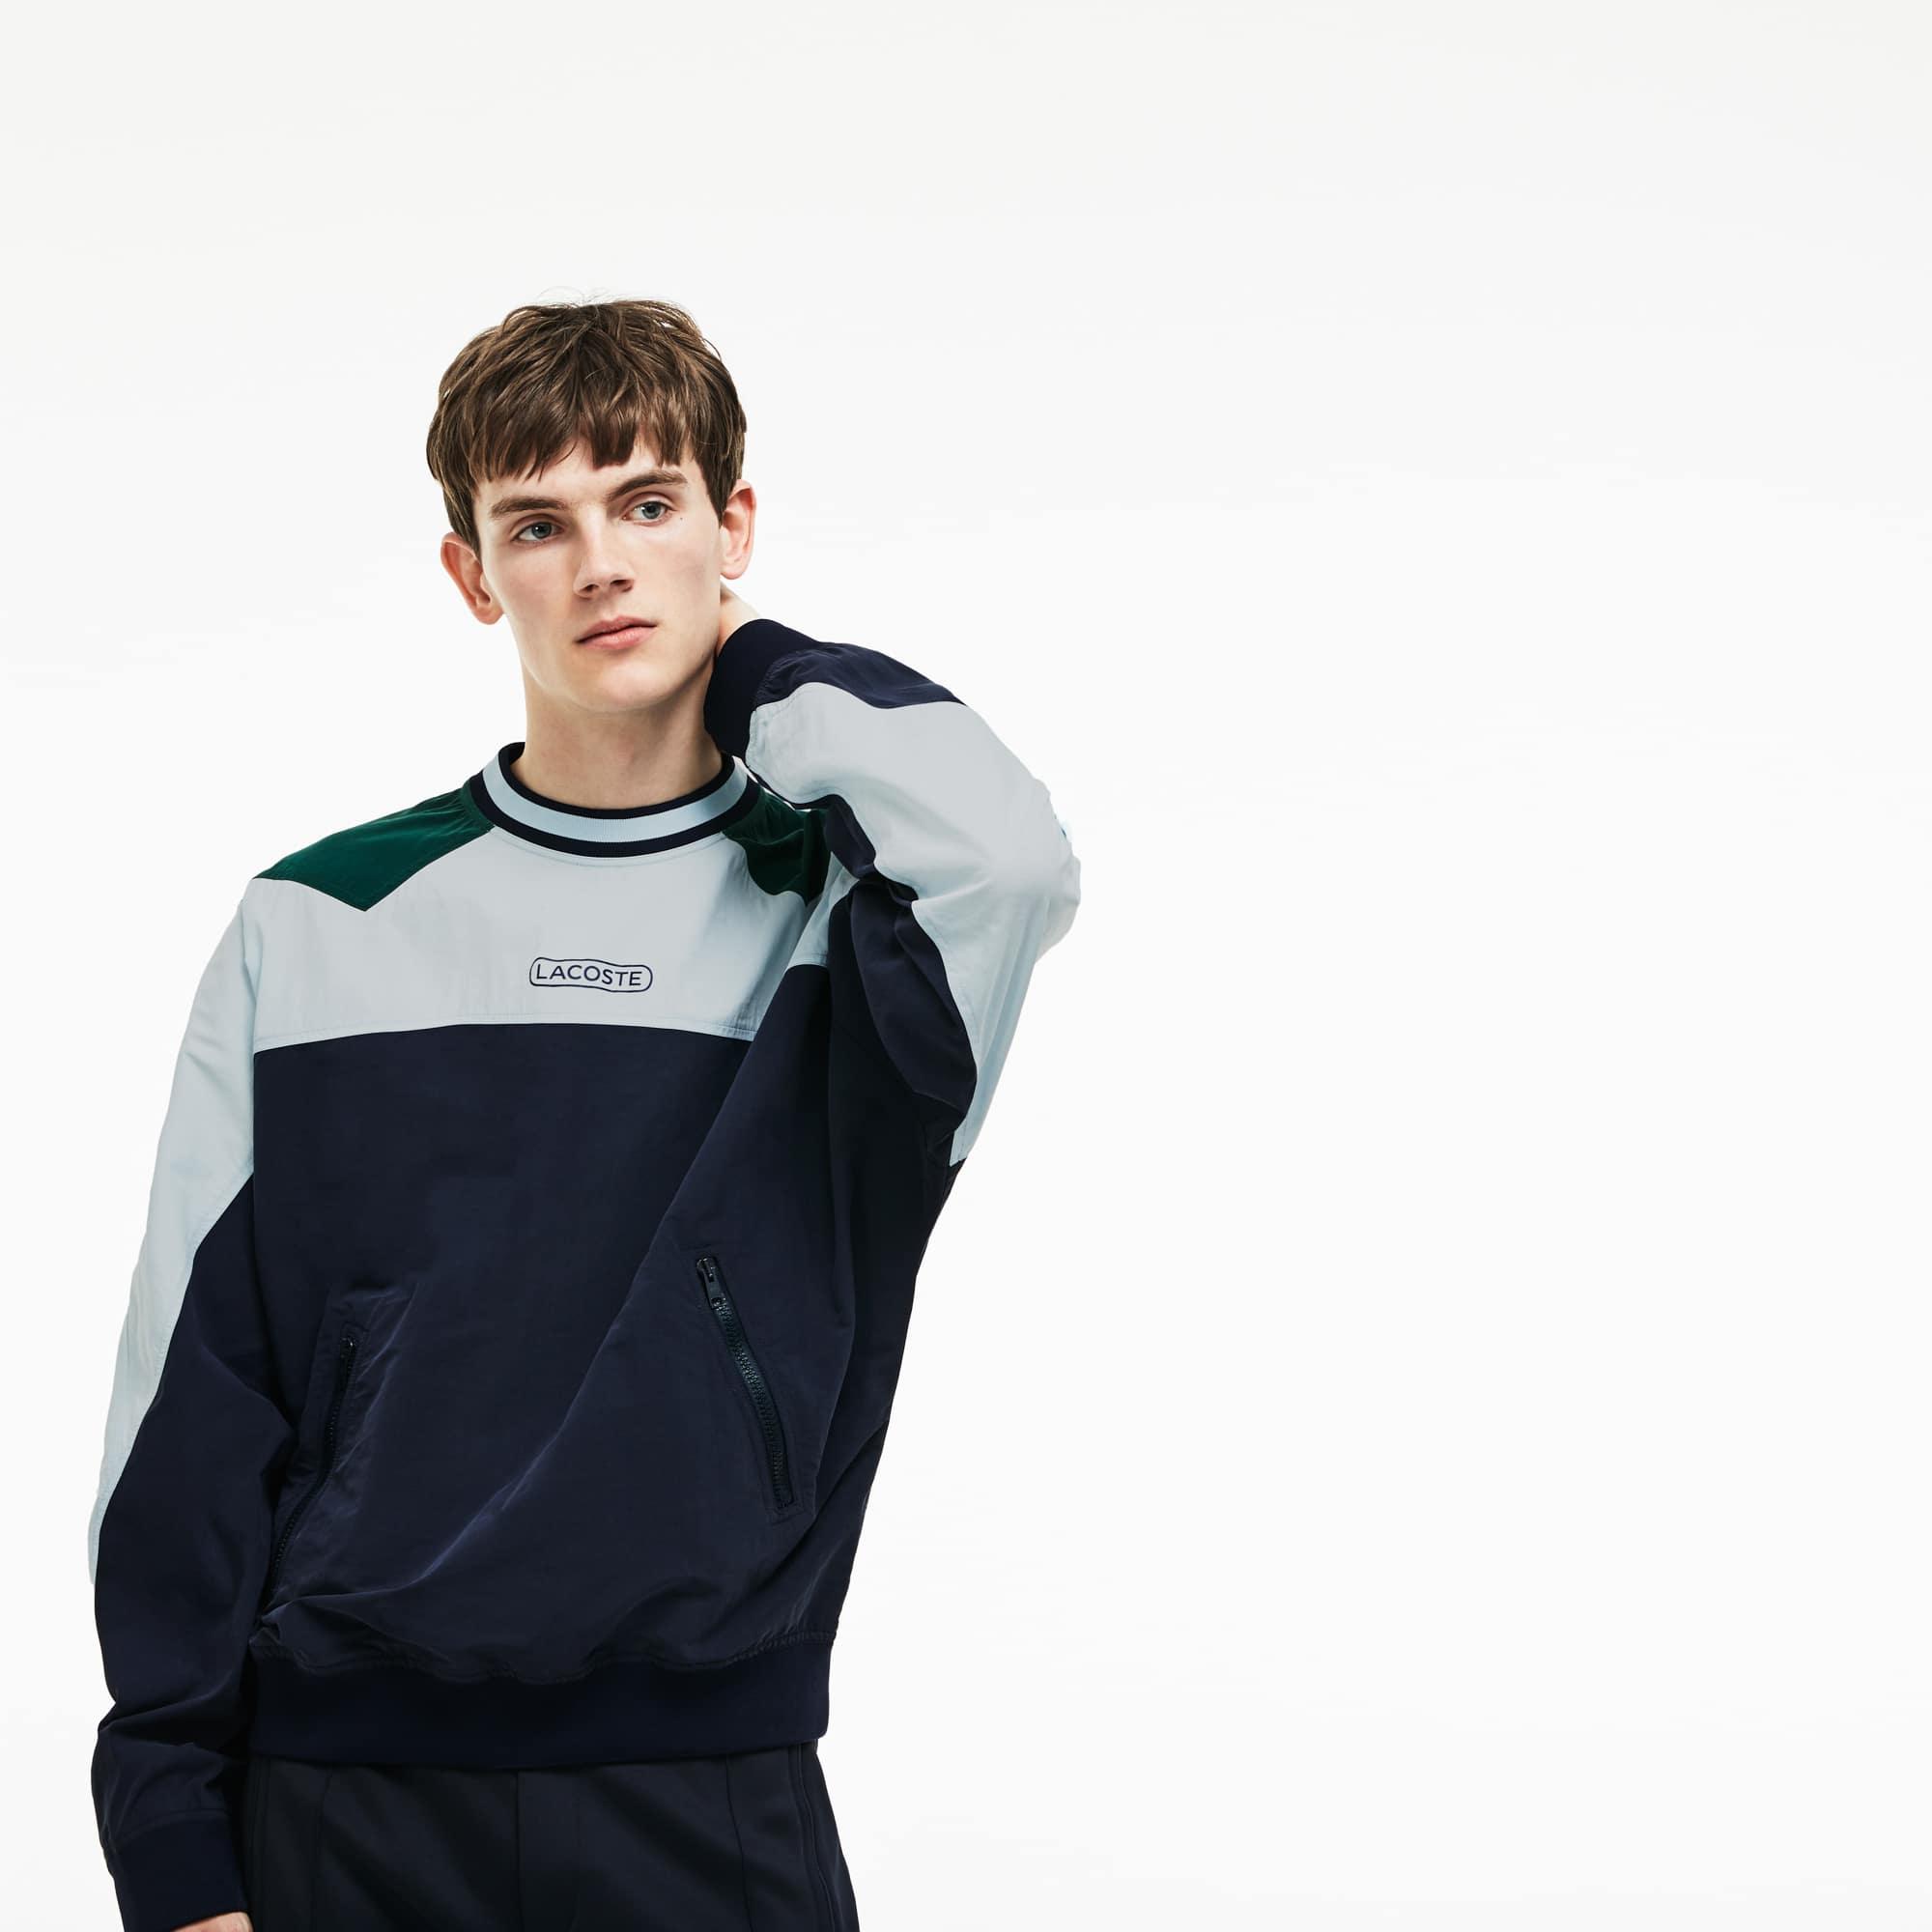 Herren Sweatshirt mit Colorblock aus der Fashion Show Kollektion